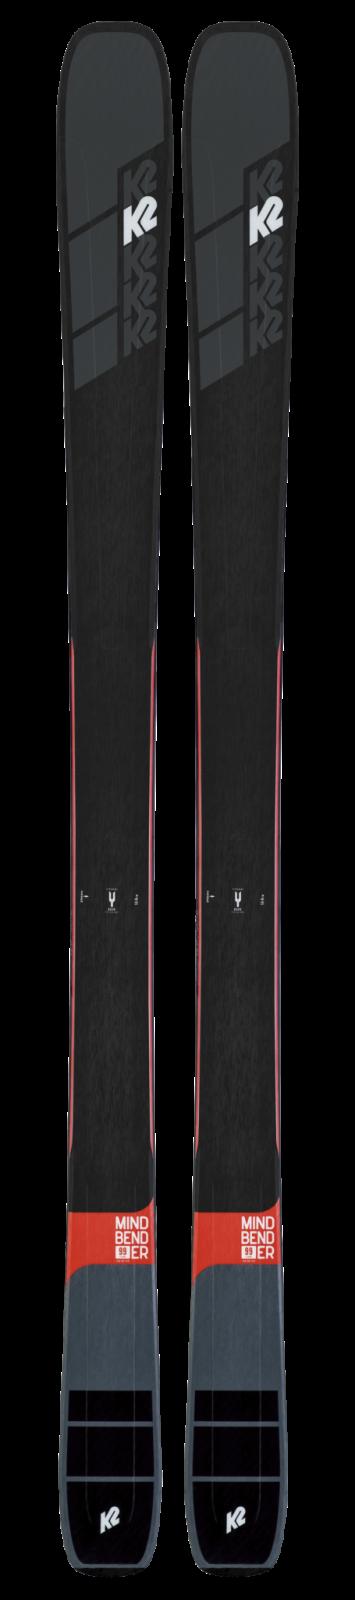 K2 Mindbender 99 TI Skis 2020